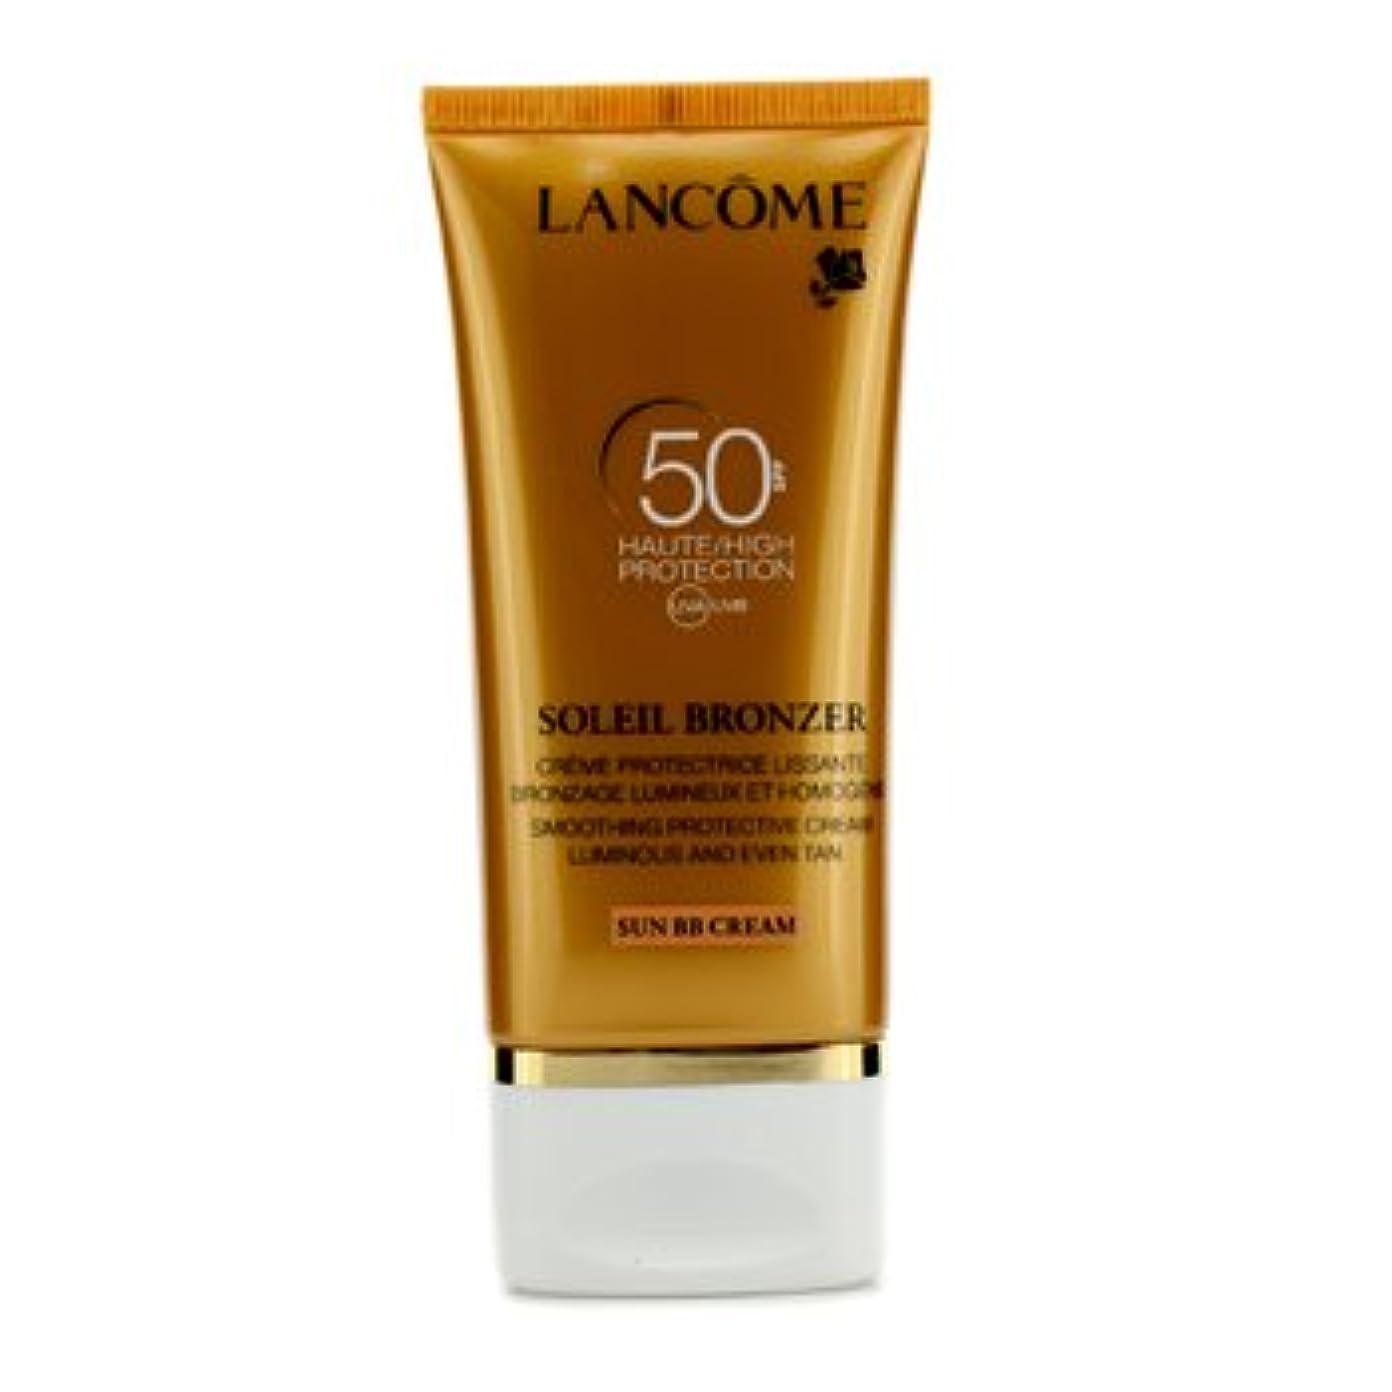 患者章早熟[Lancome] Soleil Bronzer Smoothing Protective Cream (Sun BB Cream) SPF50 50ml/1.69oz